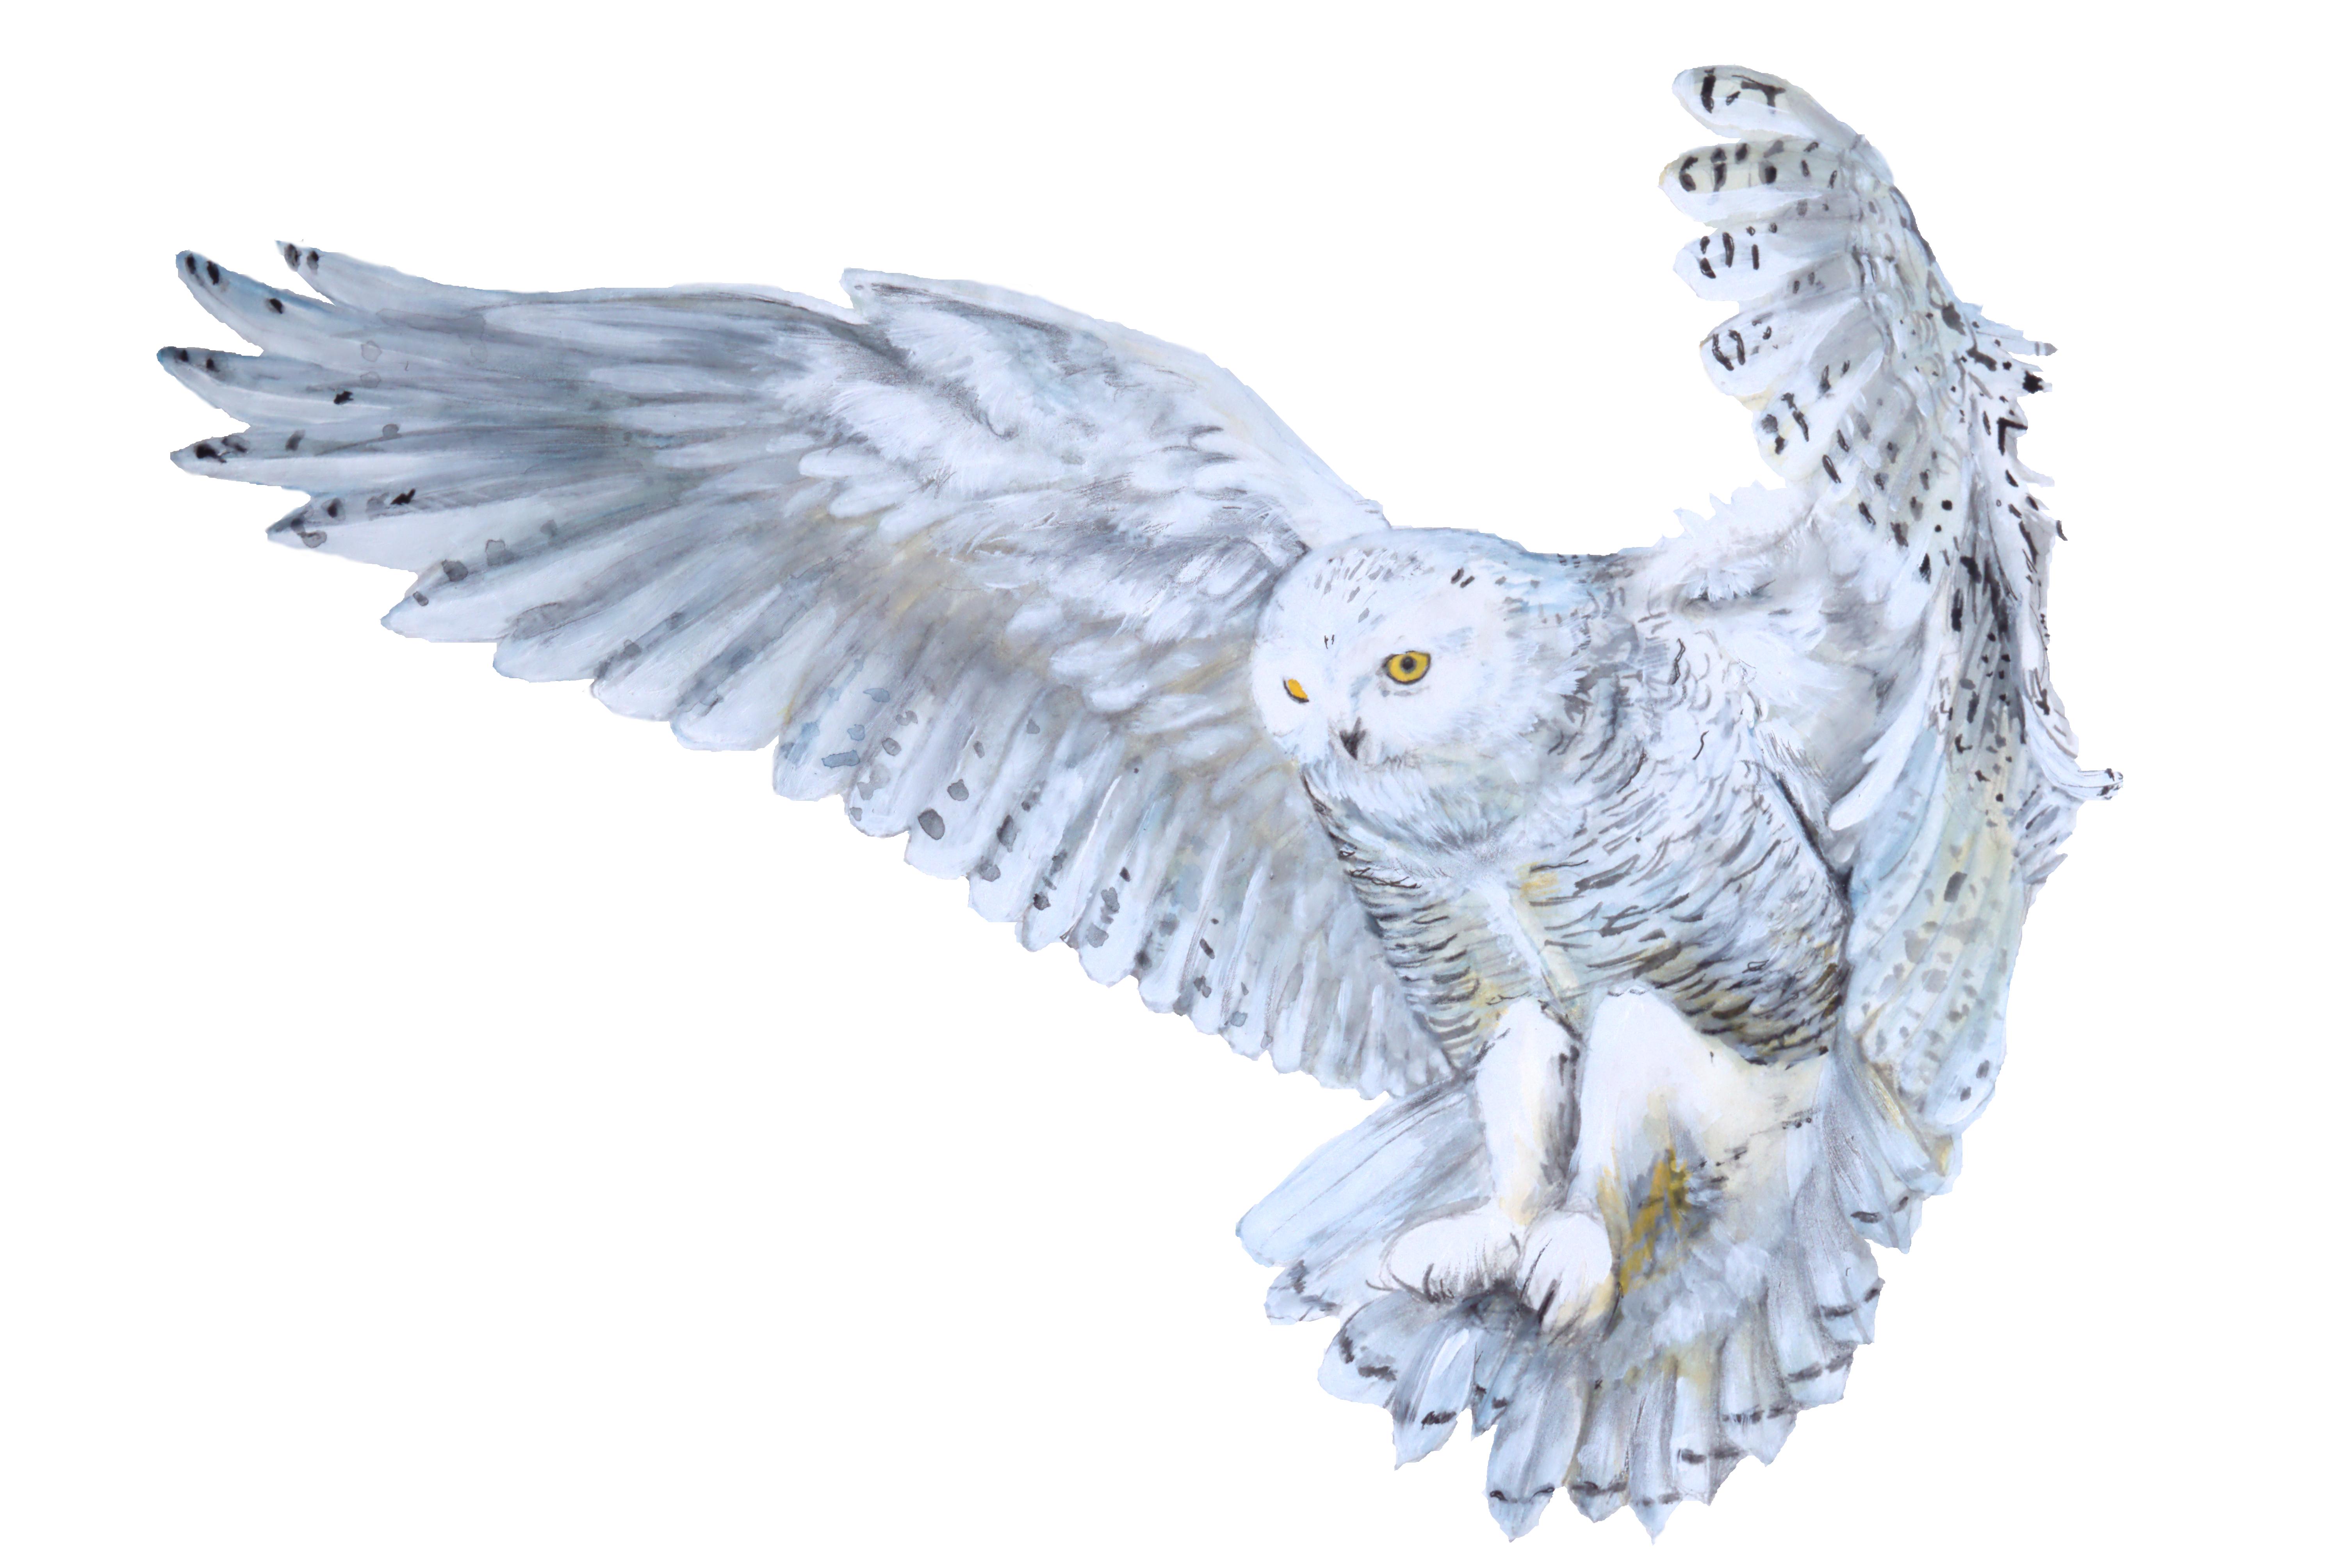 6016x4016 Original Watercolor Snowy Owl